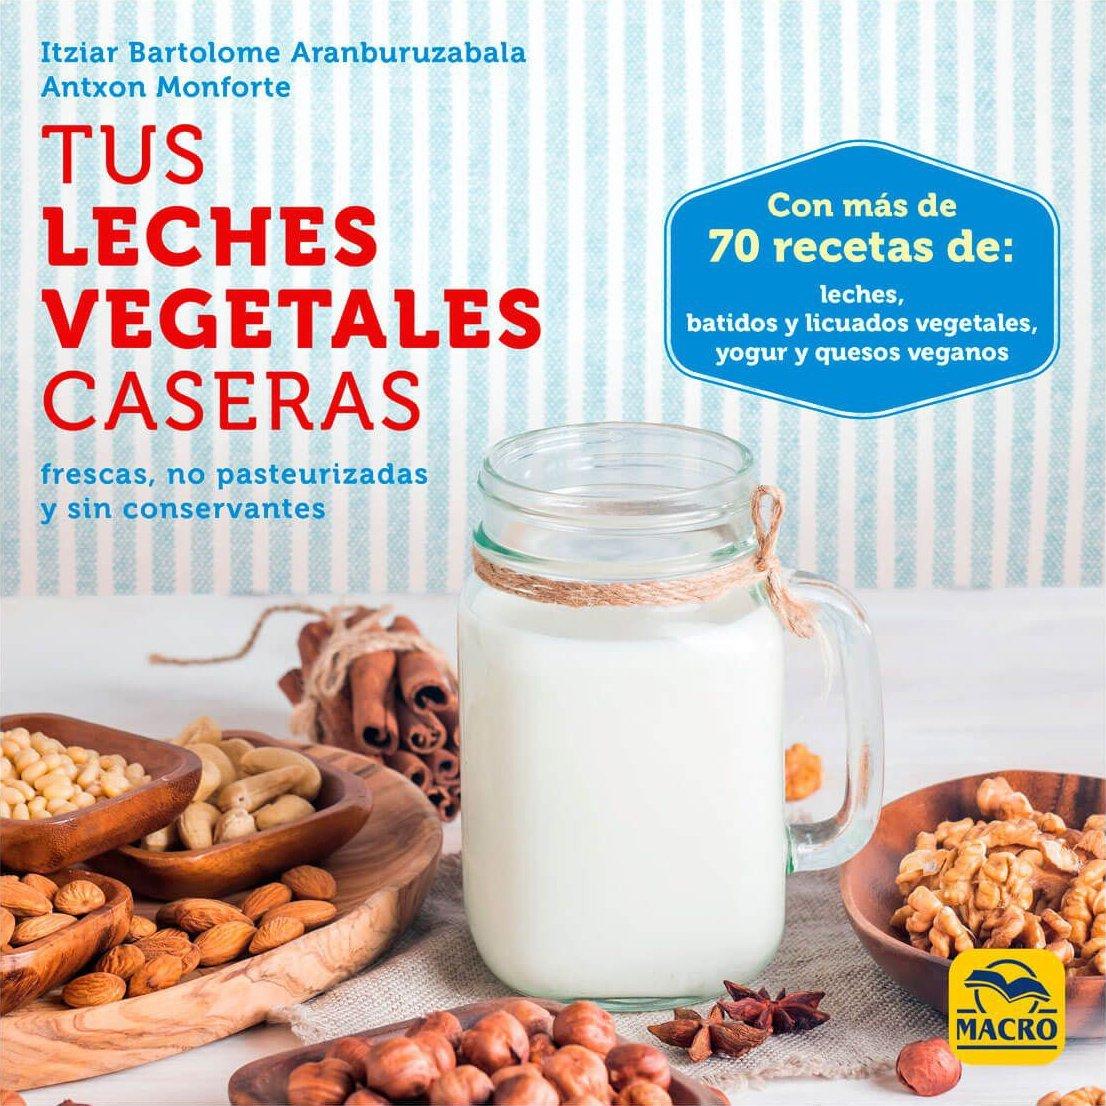 Tus Leches Vegetales Caseras . Frescas, no pasteurizadas y sin conservantes (Spanish) Paperback – 2018